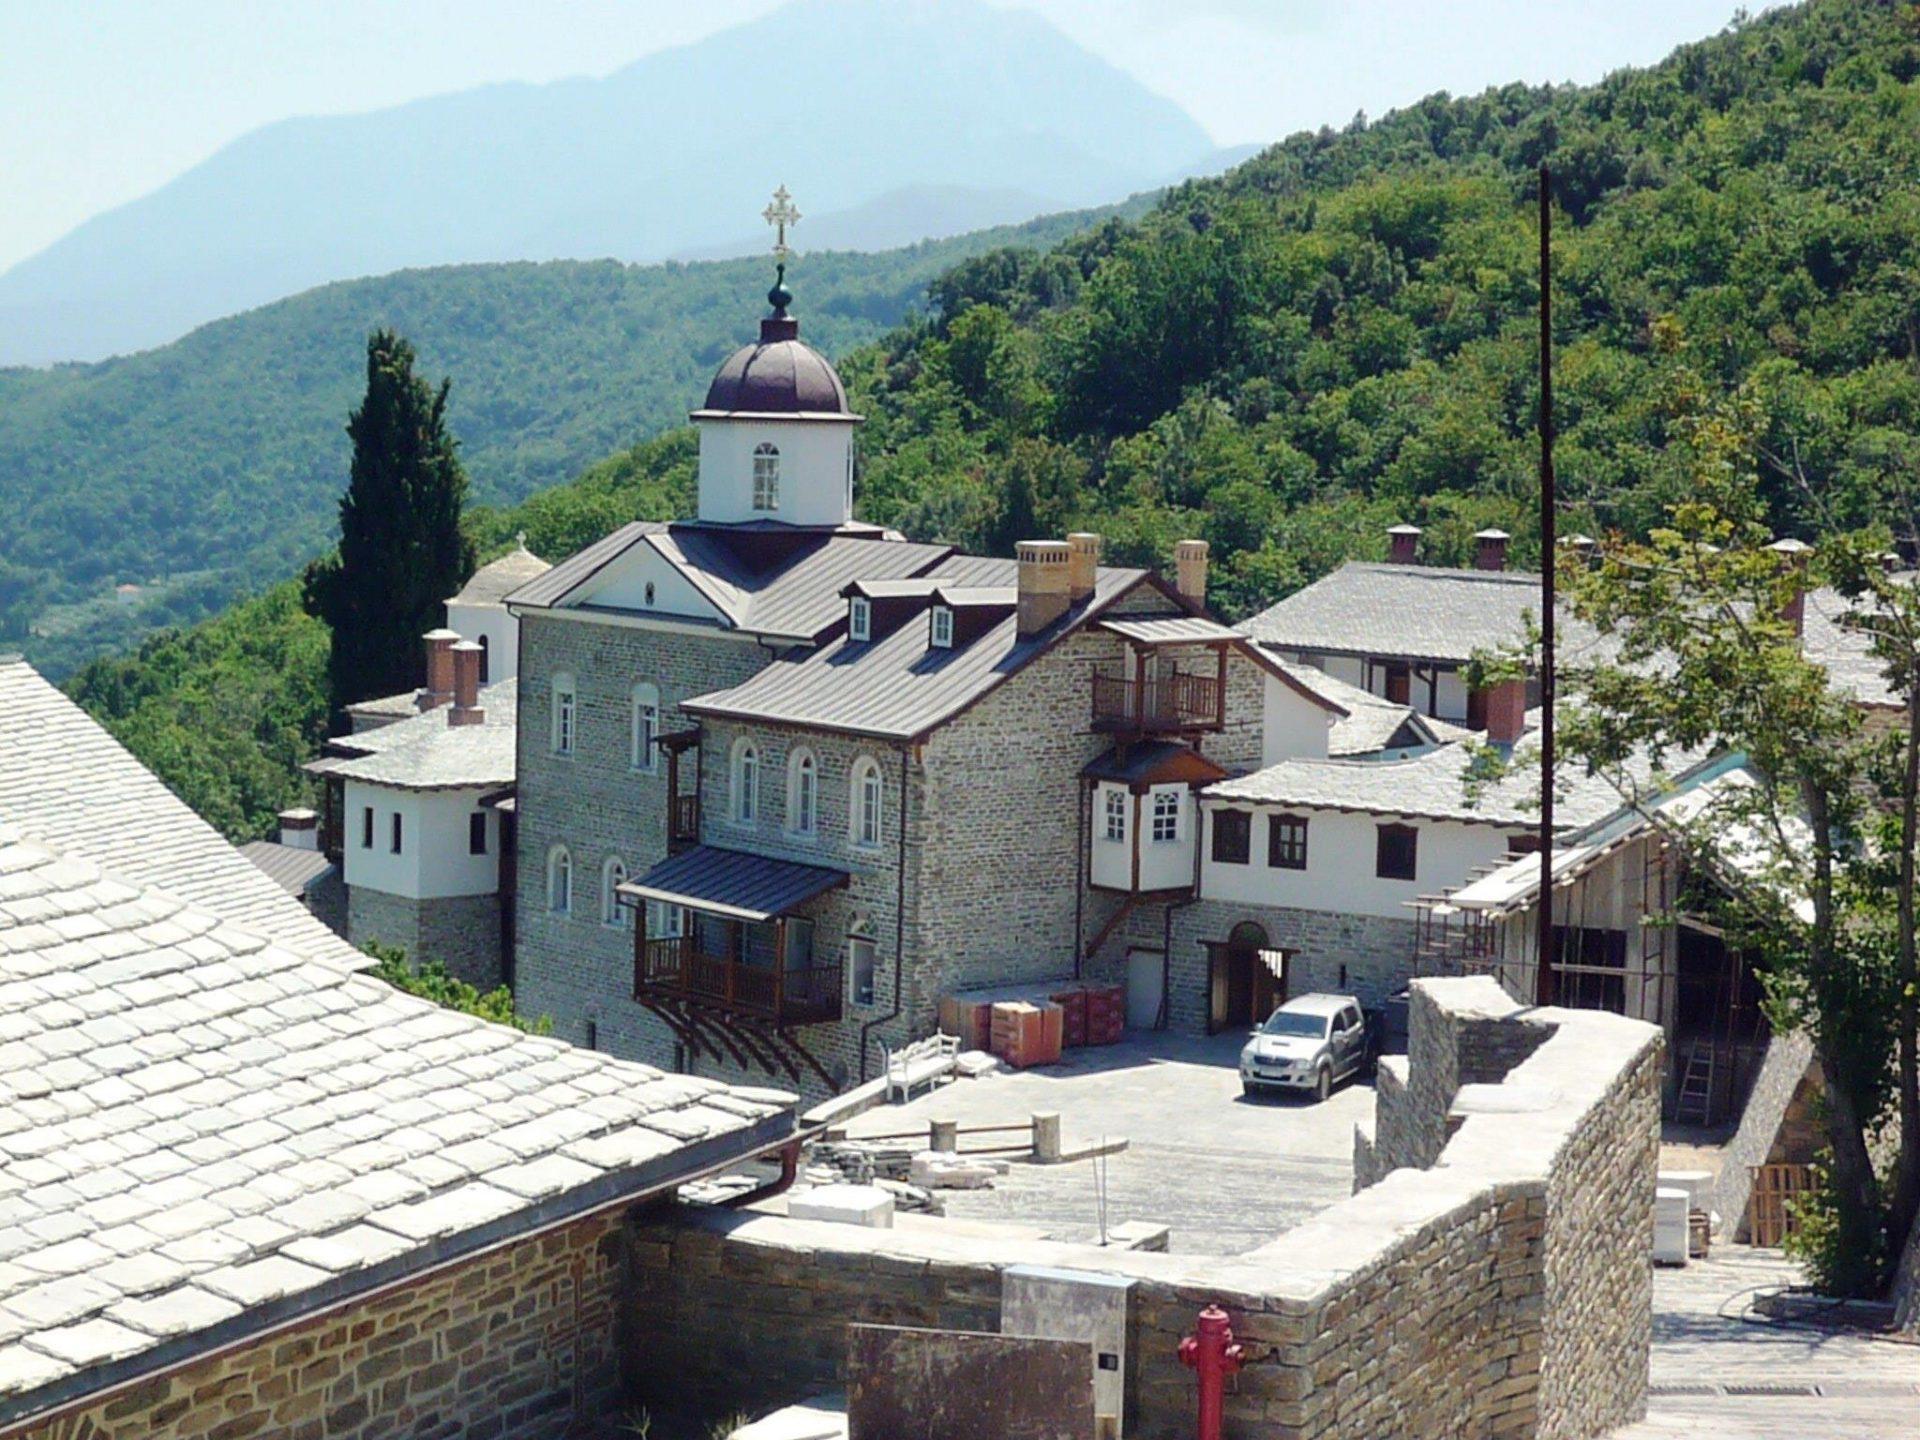 Μοναστηριακό κτήριο με ξύλινα κουφώματα